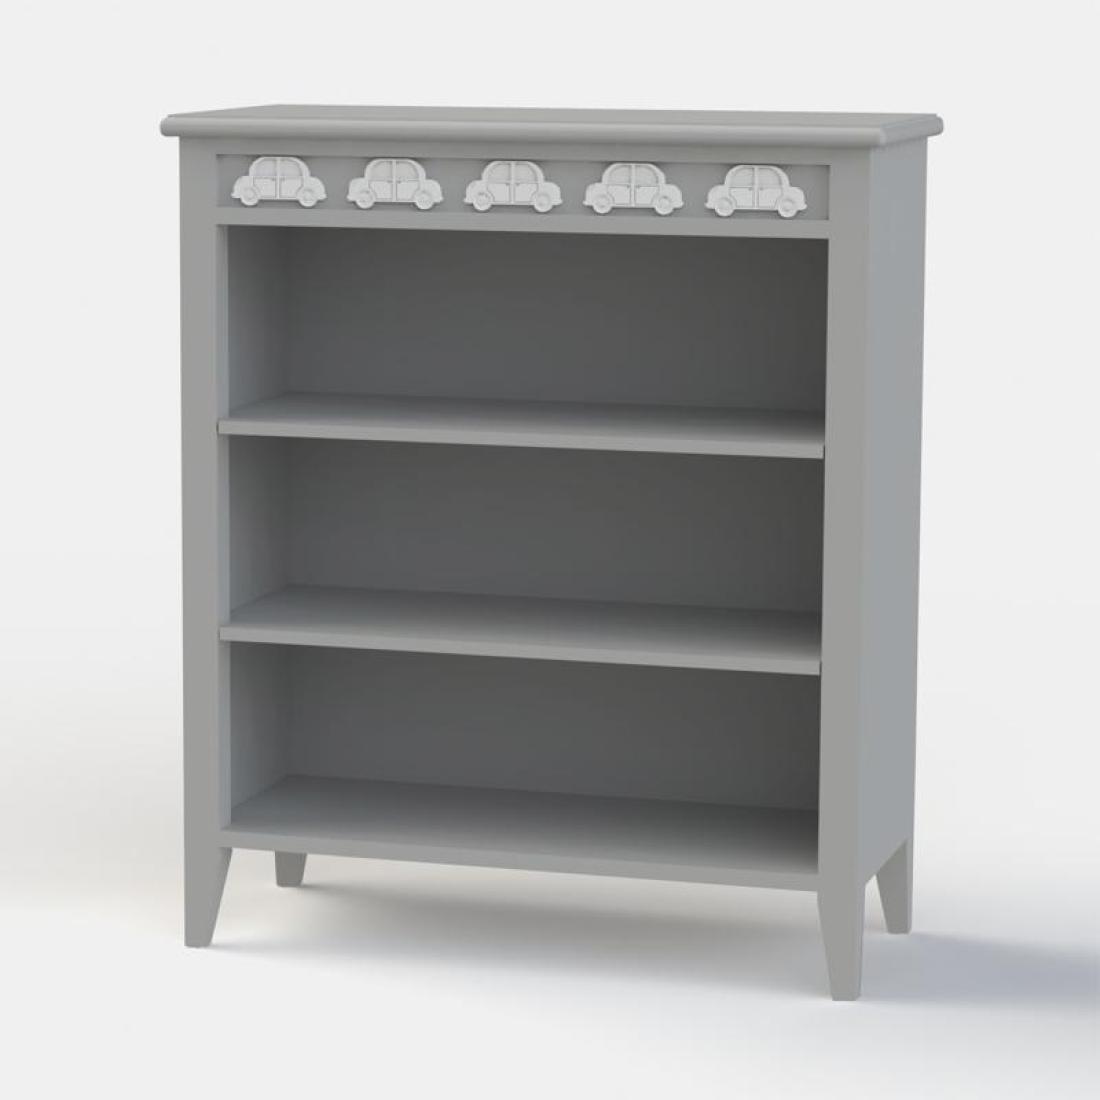 Bertie Beetle Low Bookcase